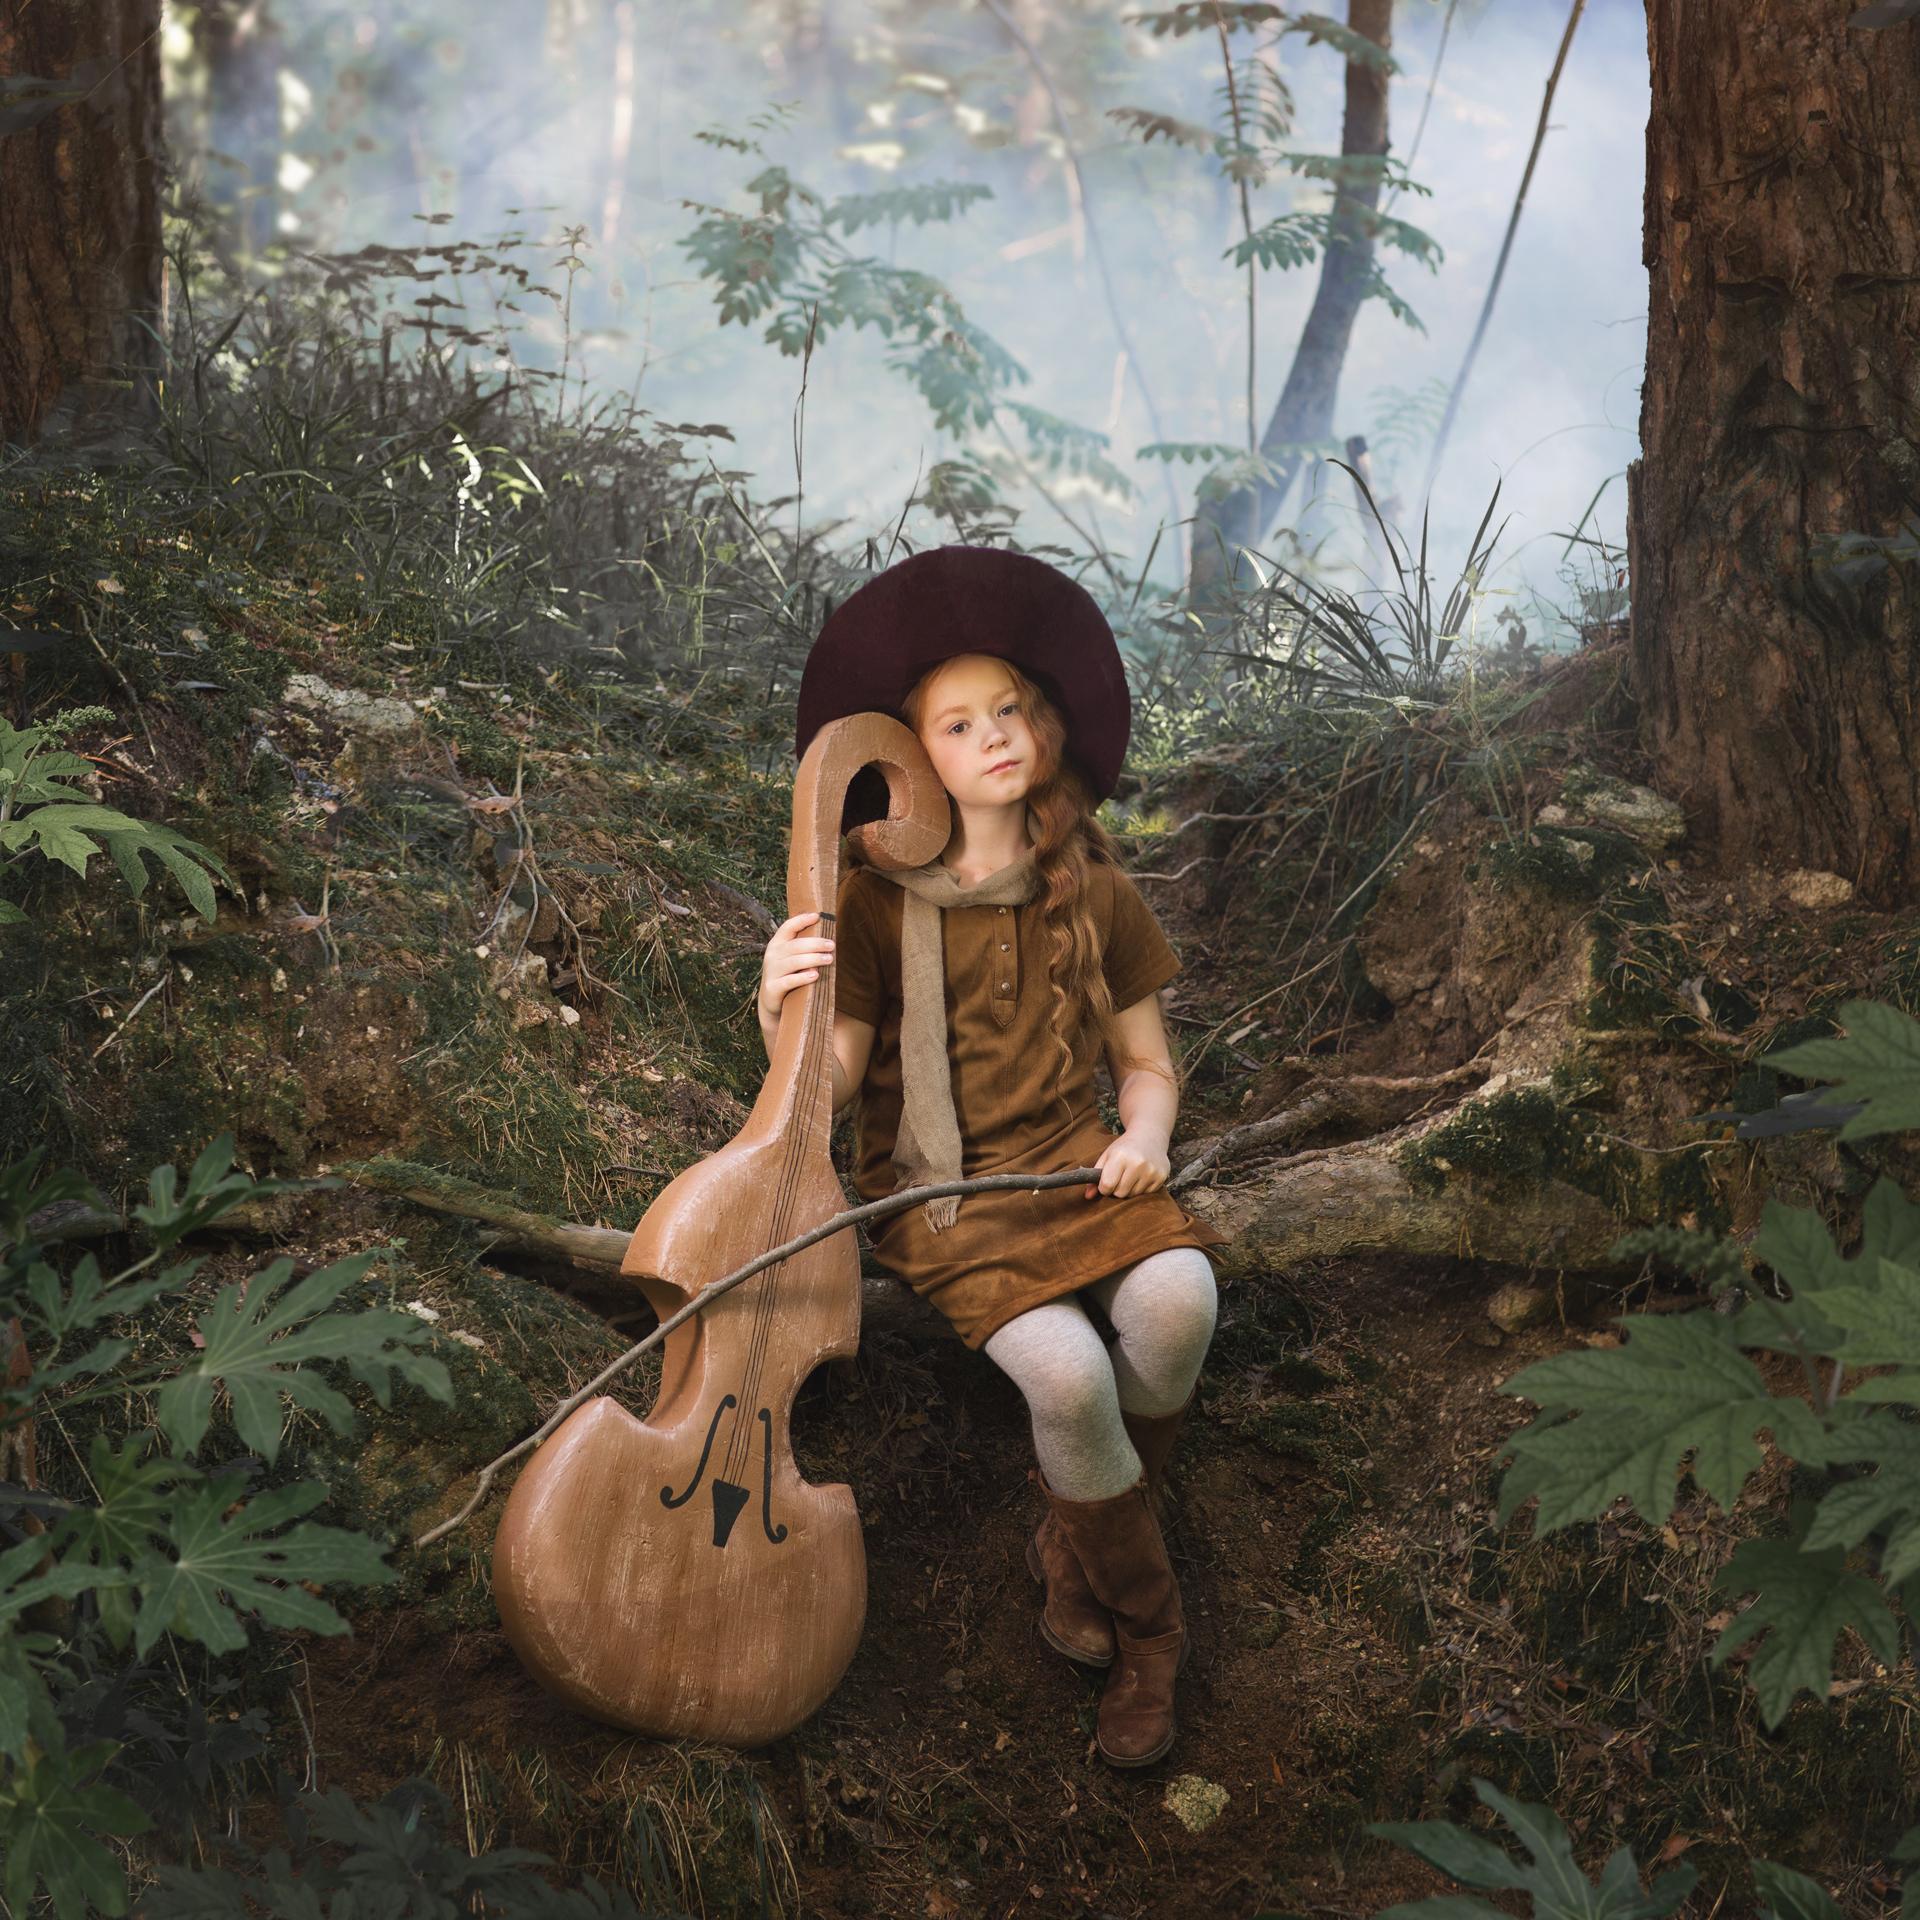 Disney presentó su campaña fotográfica global #SoyPrincesaSiendoYo, que celebra historias inspiradoras de alrededor del mundo para alentar a las niñas de todo el mundo a soñar en grande (Margarita Karevea)